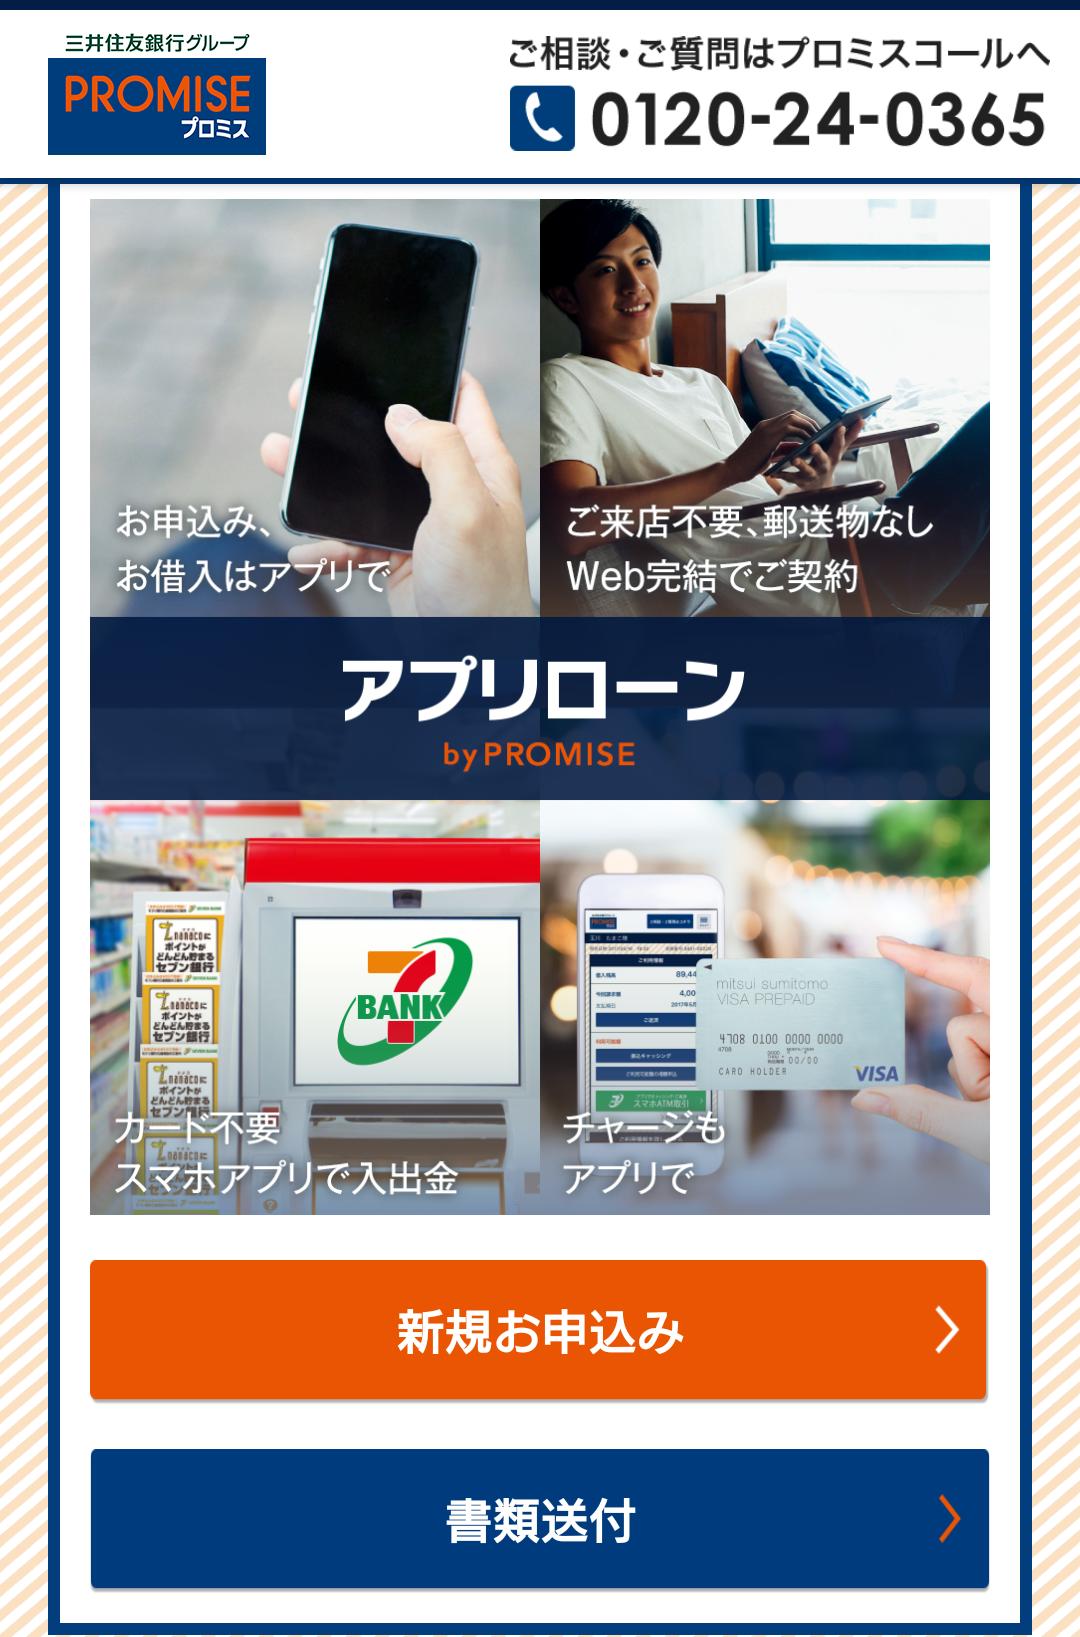 アプリローン画面